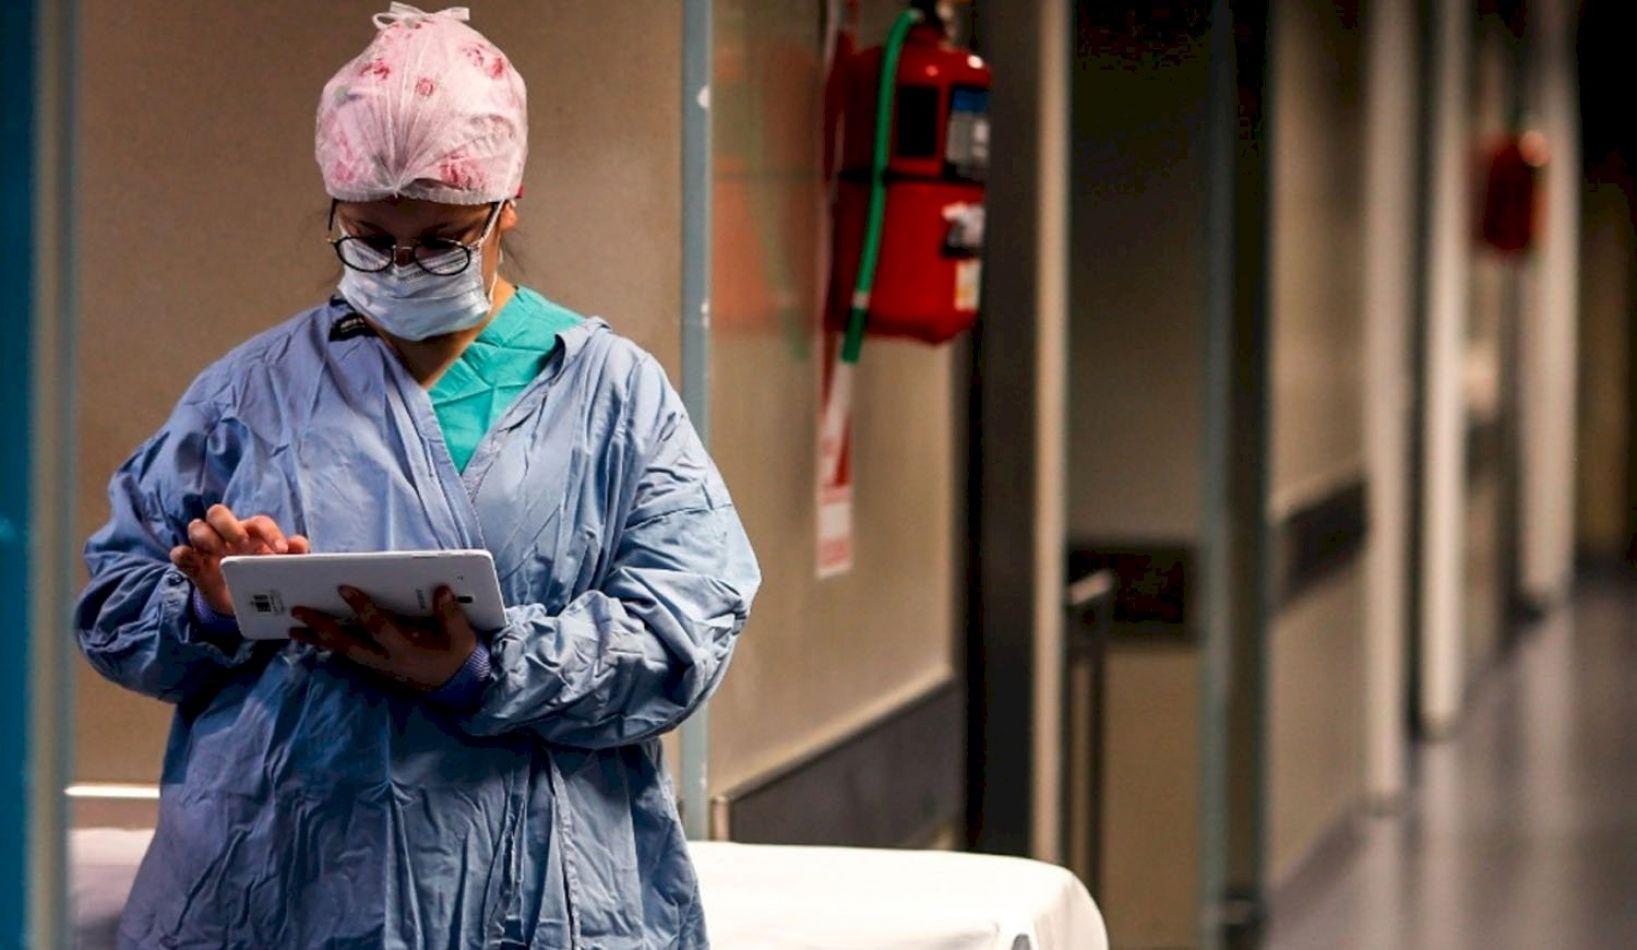 Récord de casos en el País: se registraron 20.874 nuevos contagios en las últimas 24 horas